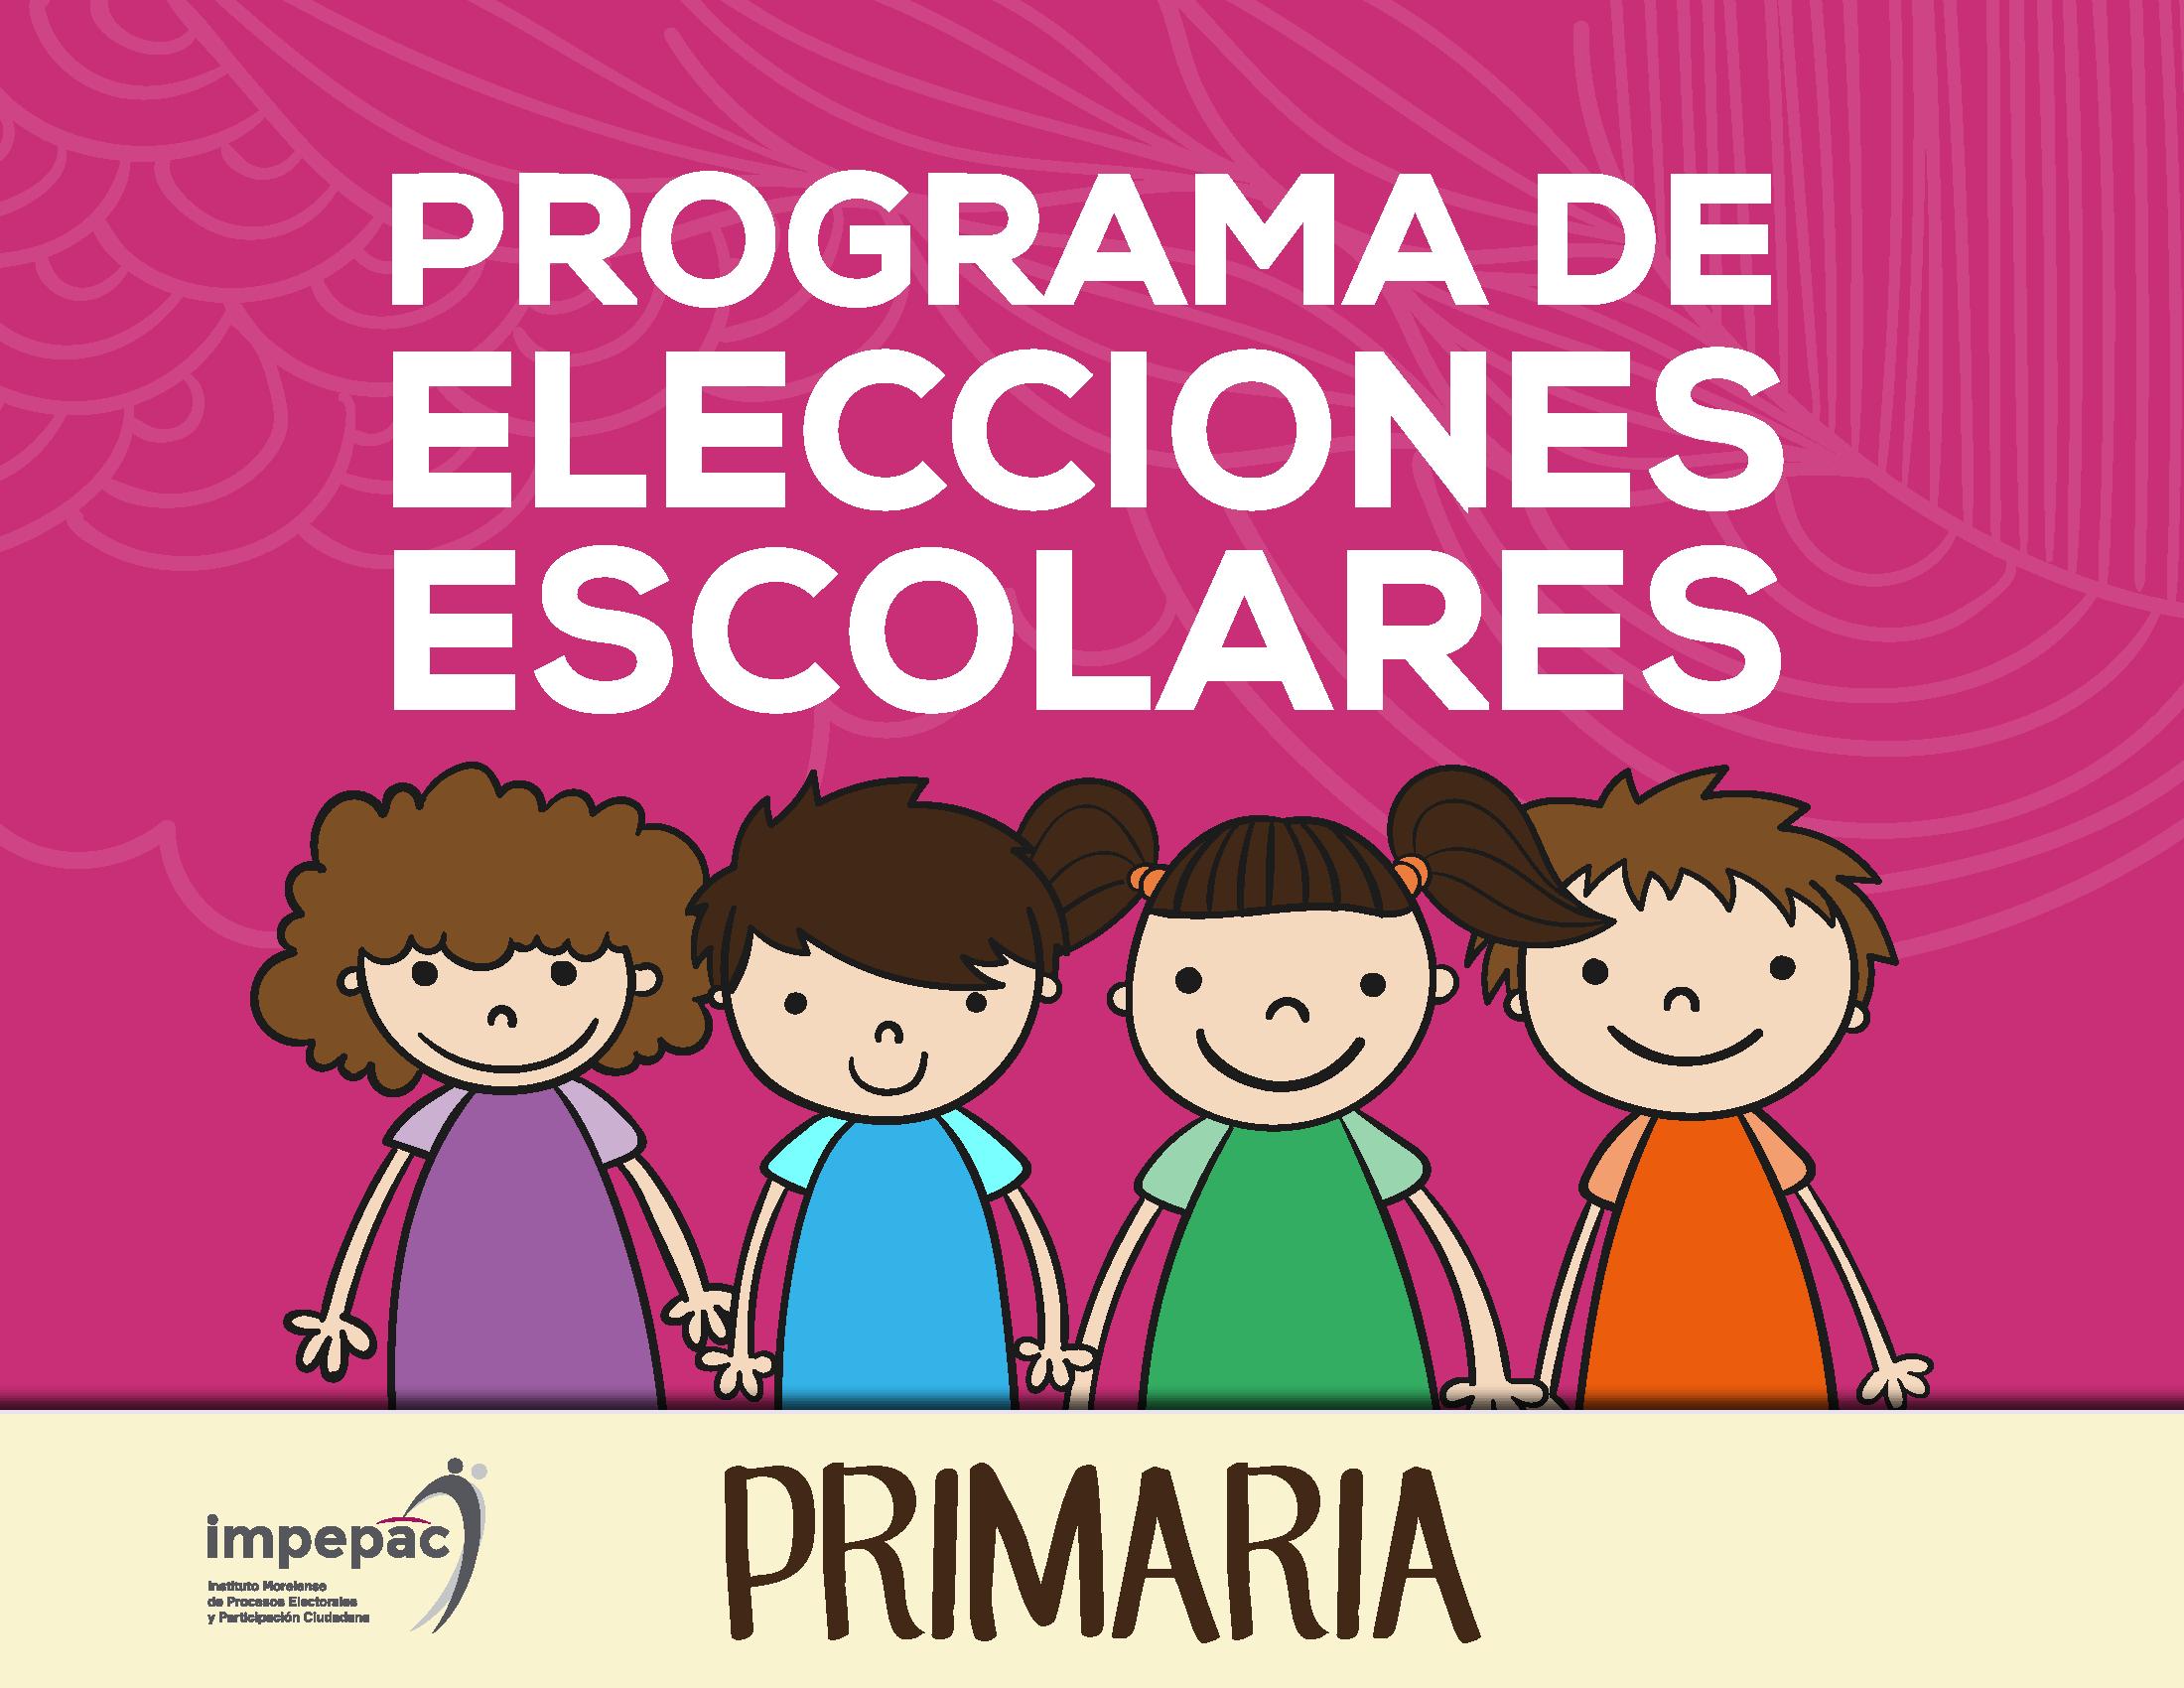 programa elecciones escolares primaria